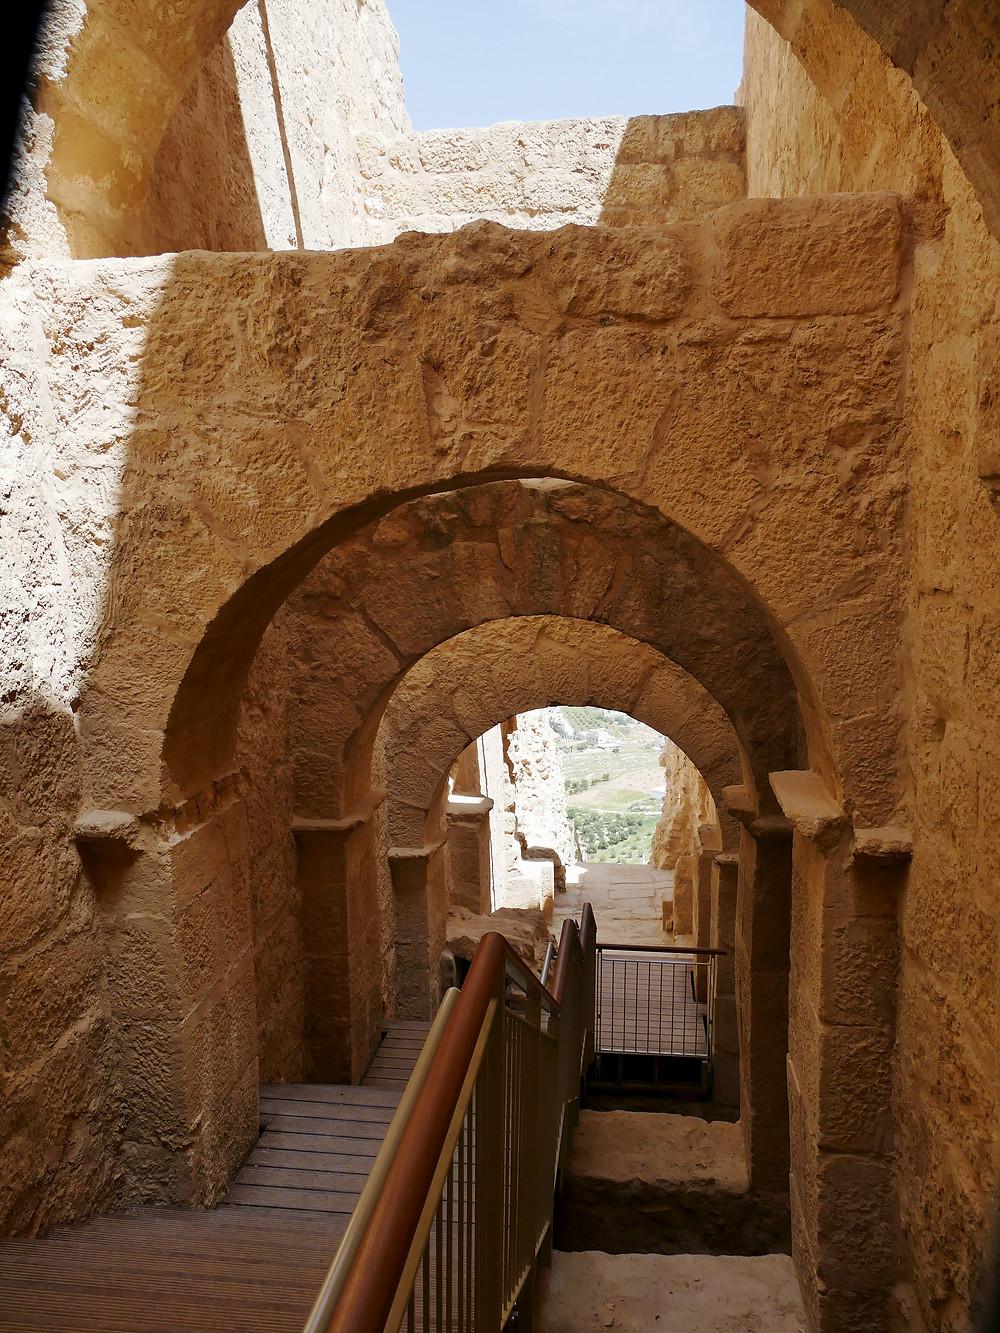 Herodion, Monumentale Treppe - oberer Teil